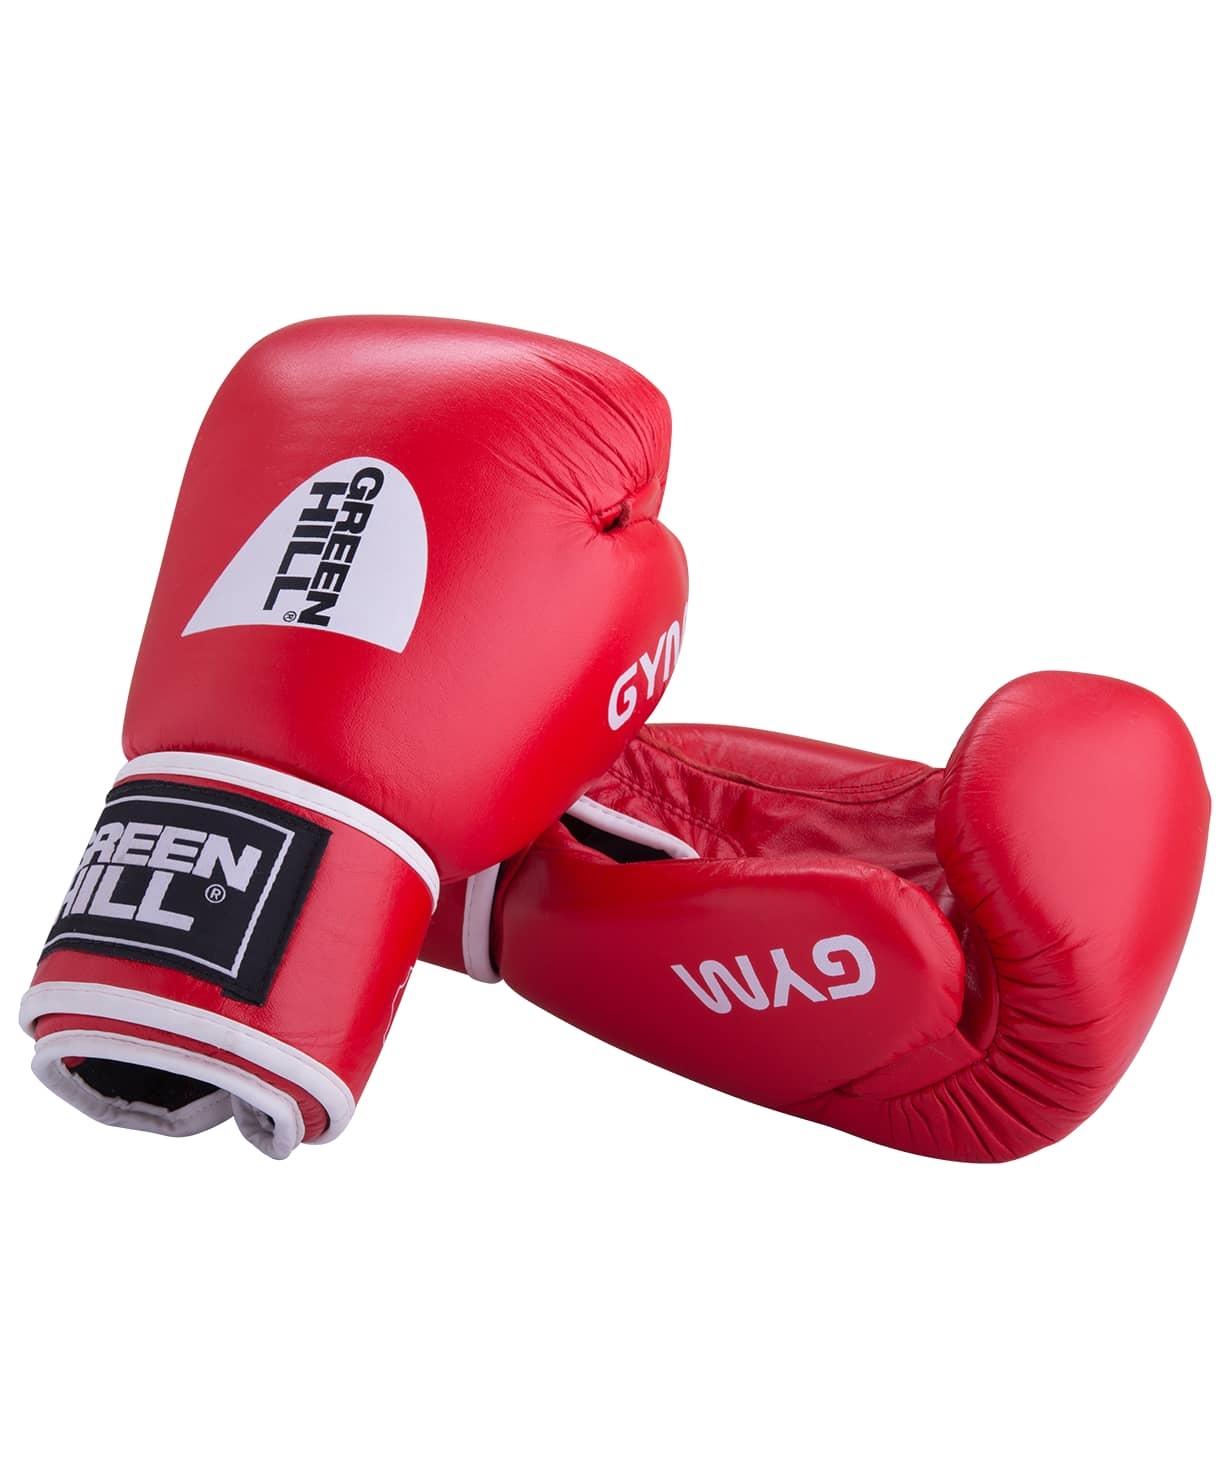 Перчатки боксерские GYM BGG-2018, 12oz, кожа, красные